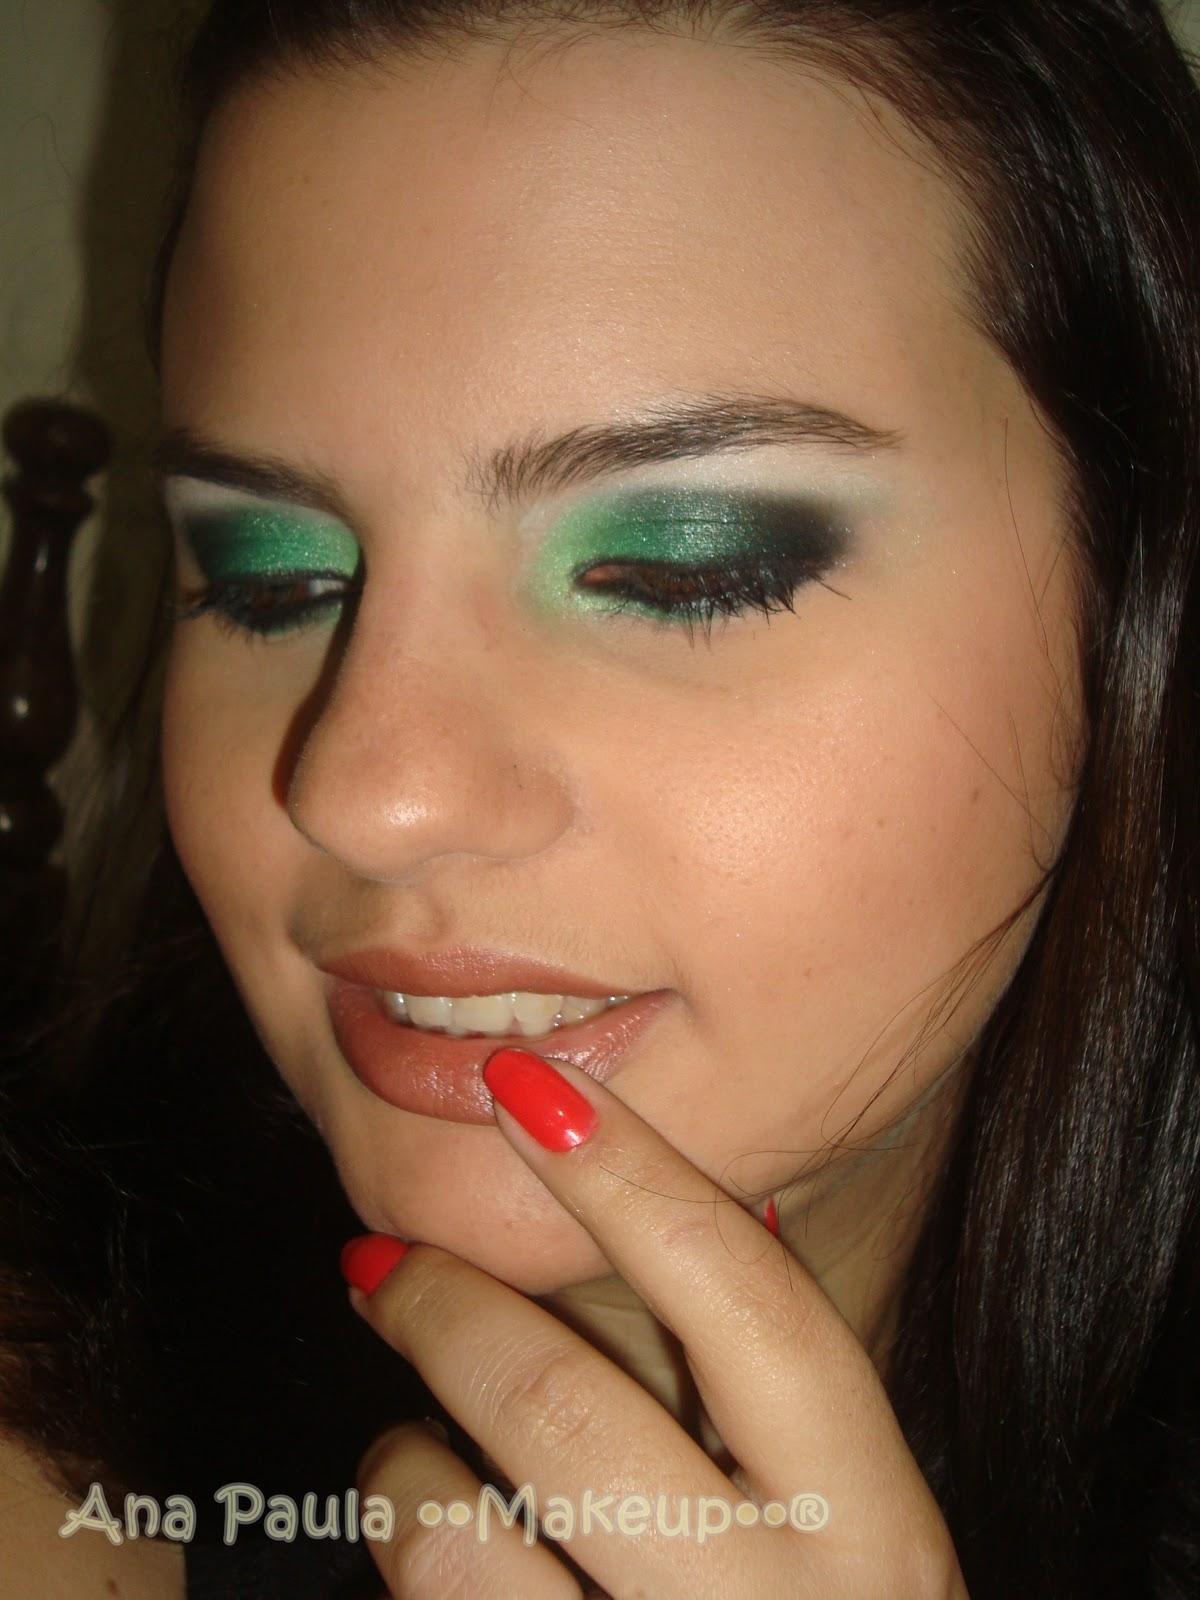 Chanel Eyeshadow Chanel Makeup Artists Tips For Great Skin Chanel  Eyeshadow Chanel Makeup Artists Tips For Great Skin